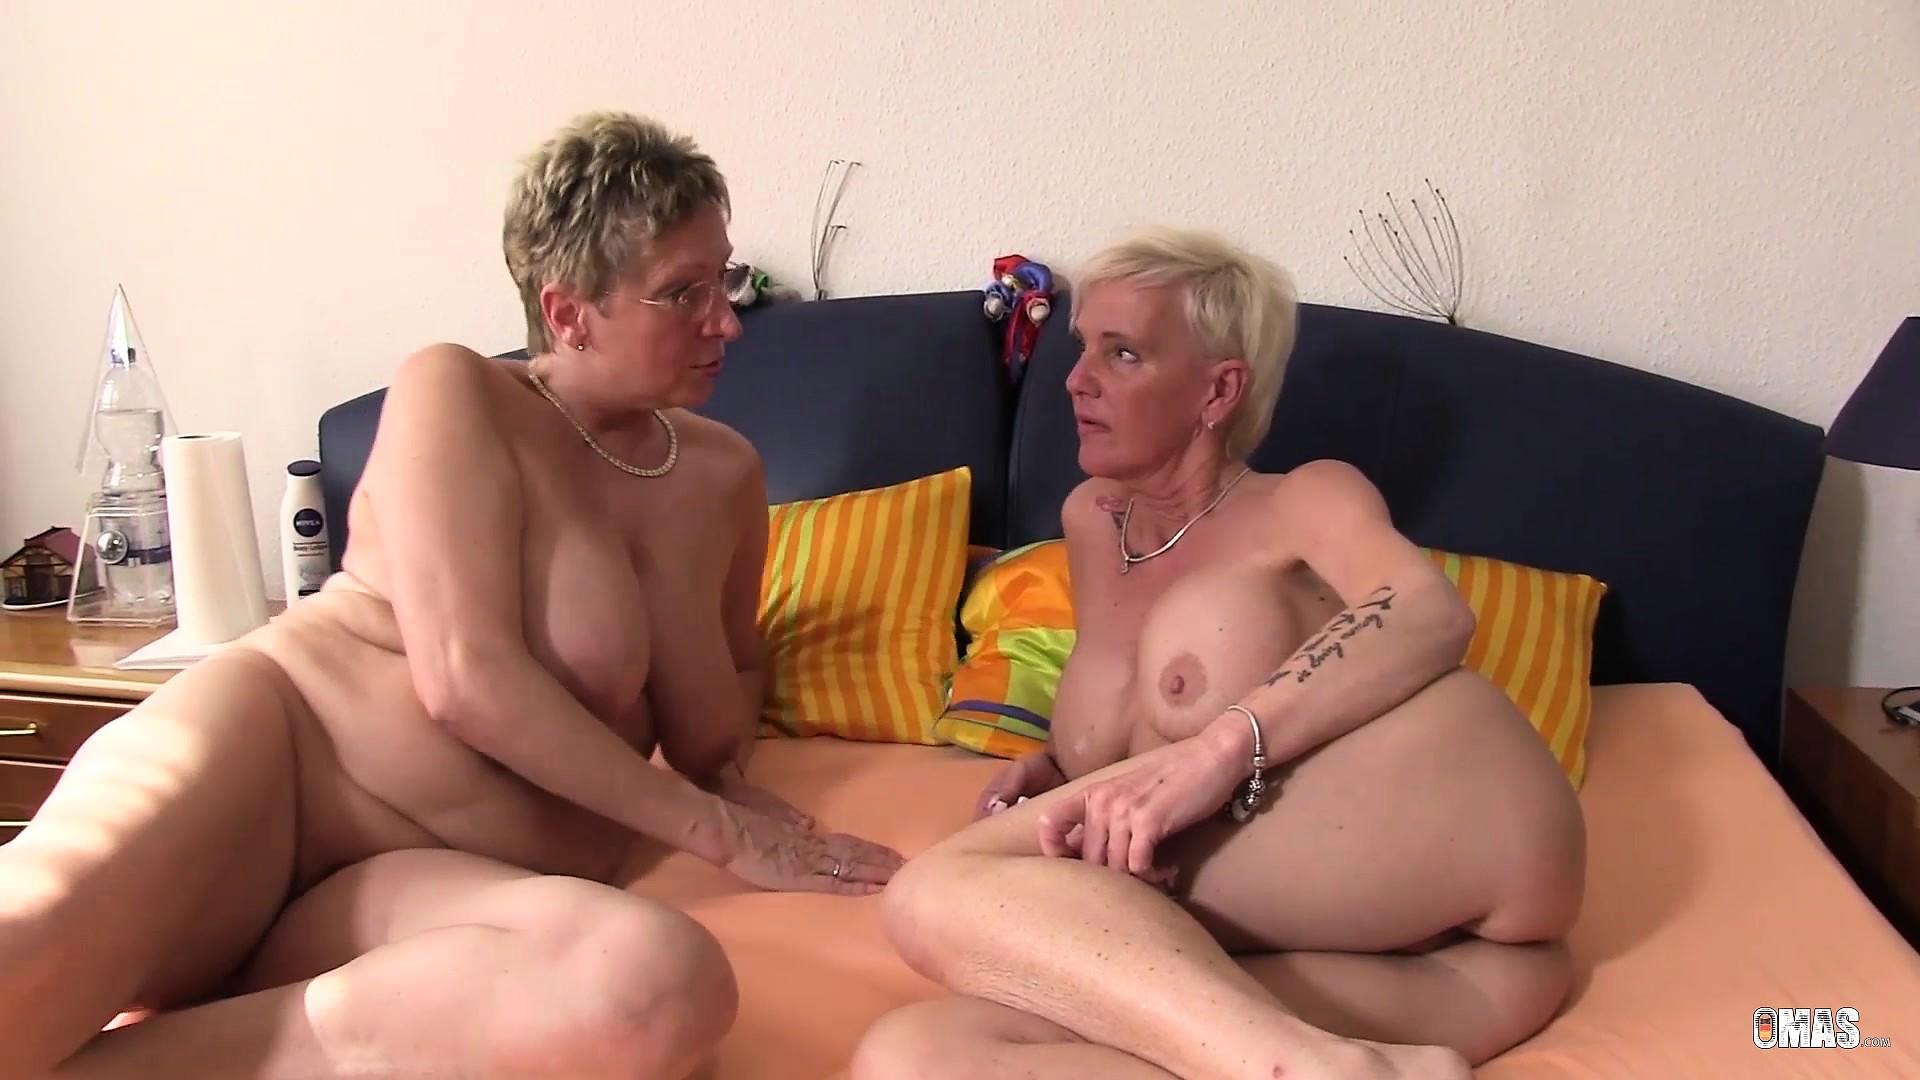 Порно мастурбация смотреть онлайн бесплатно  Порно с